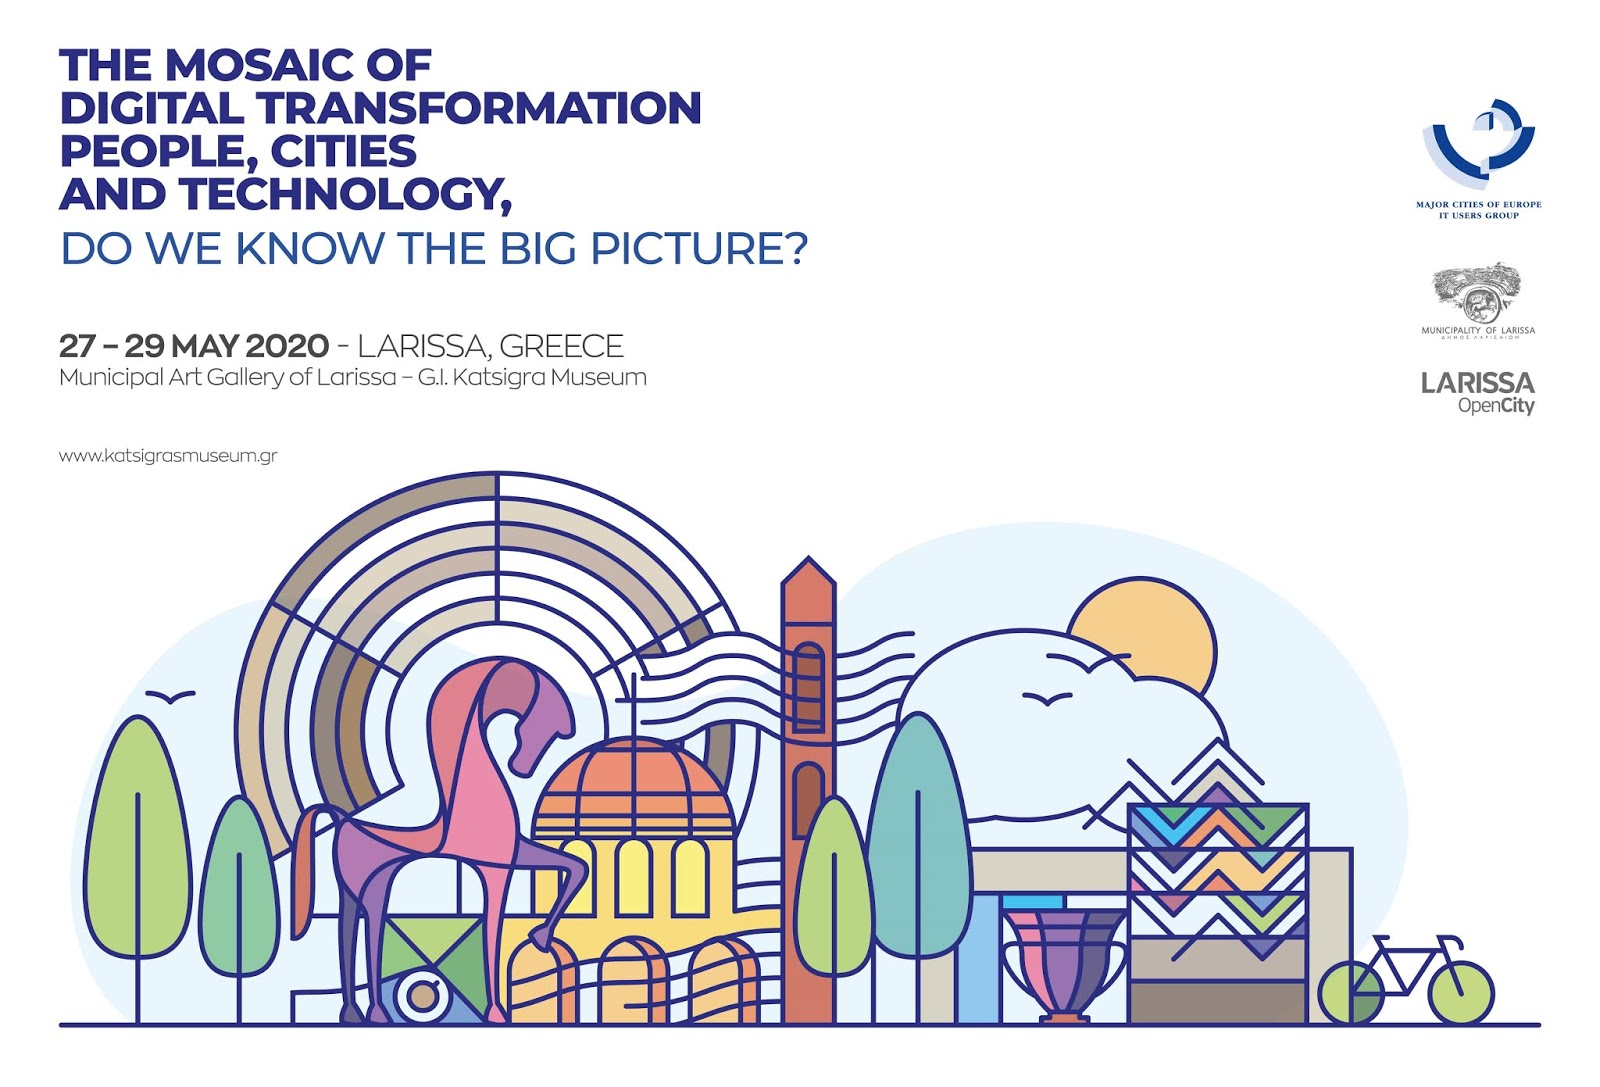 Το Διεθνές Συνέδριο του δικτύου Major Cities of Europe στη Λάρισα